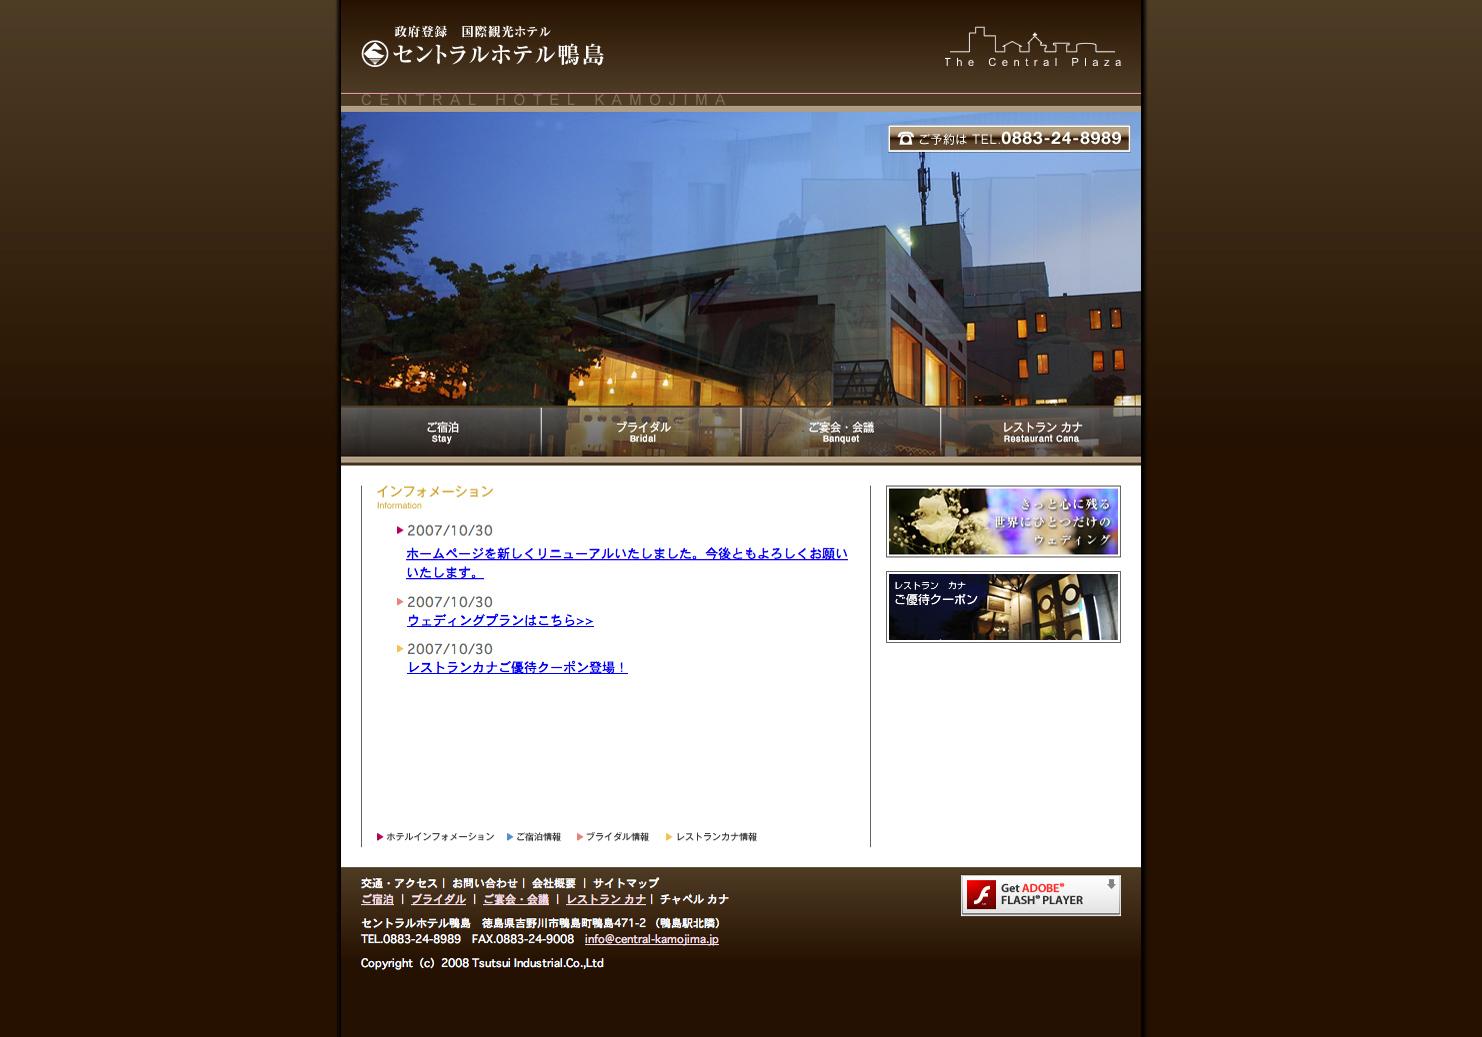 セントラルホテル鴨島ホームページ制作